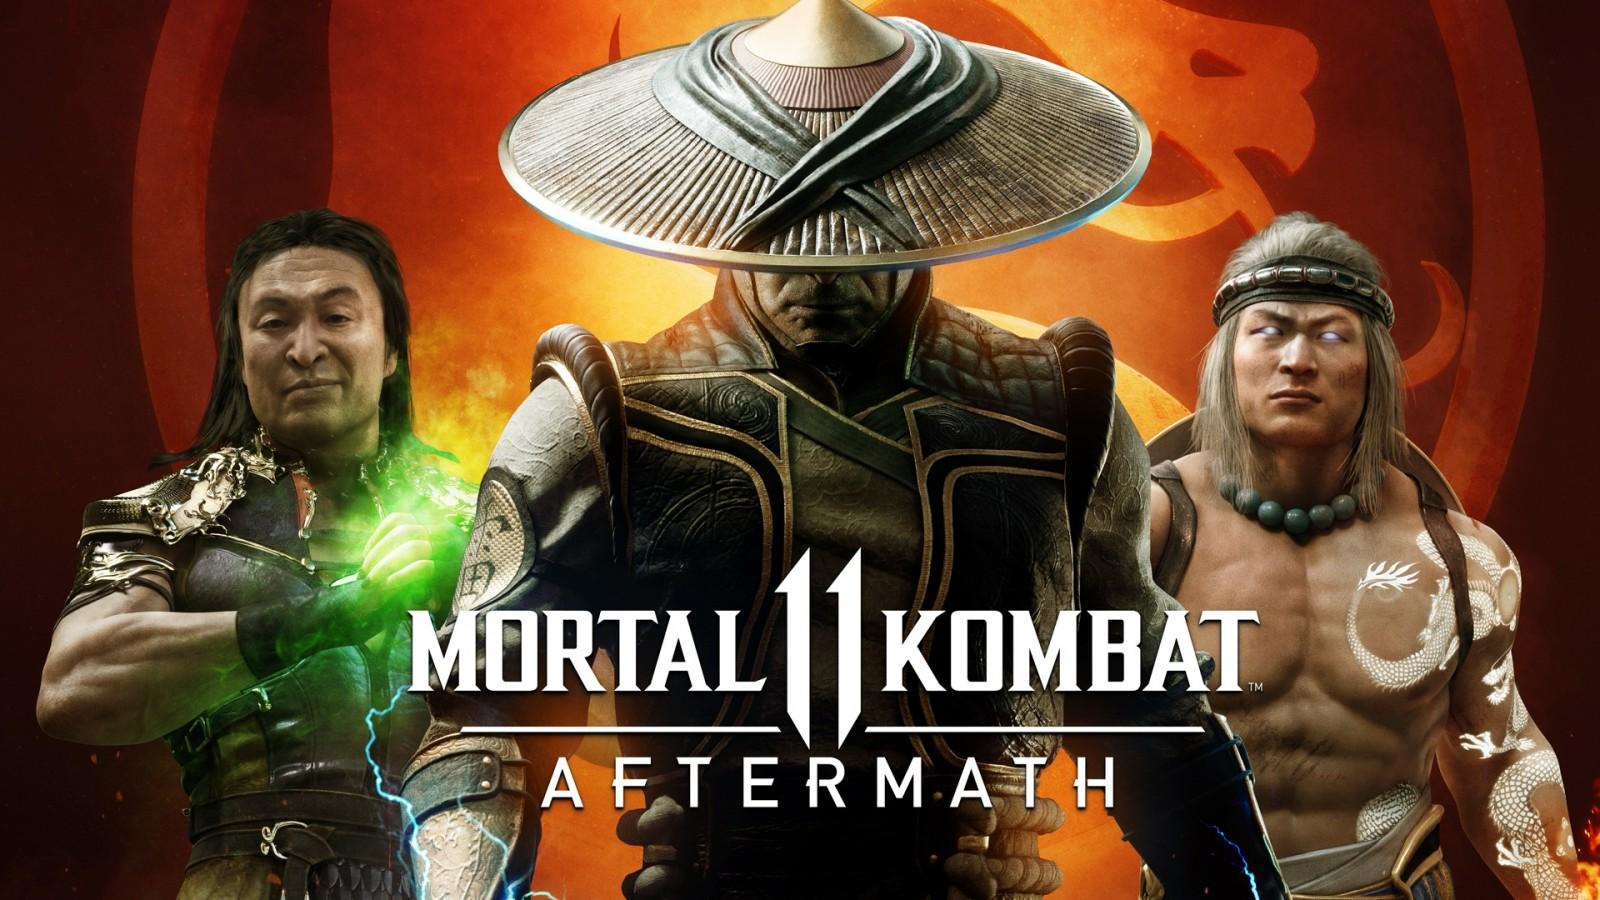 Mortal Kombat 11 se convierte en un éxito superando los 12 millones de copias vendidas, siendo mas popular que Super Smash Bros., Street Fighter y TEKKEN